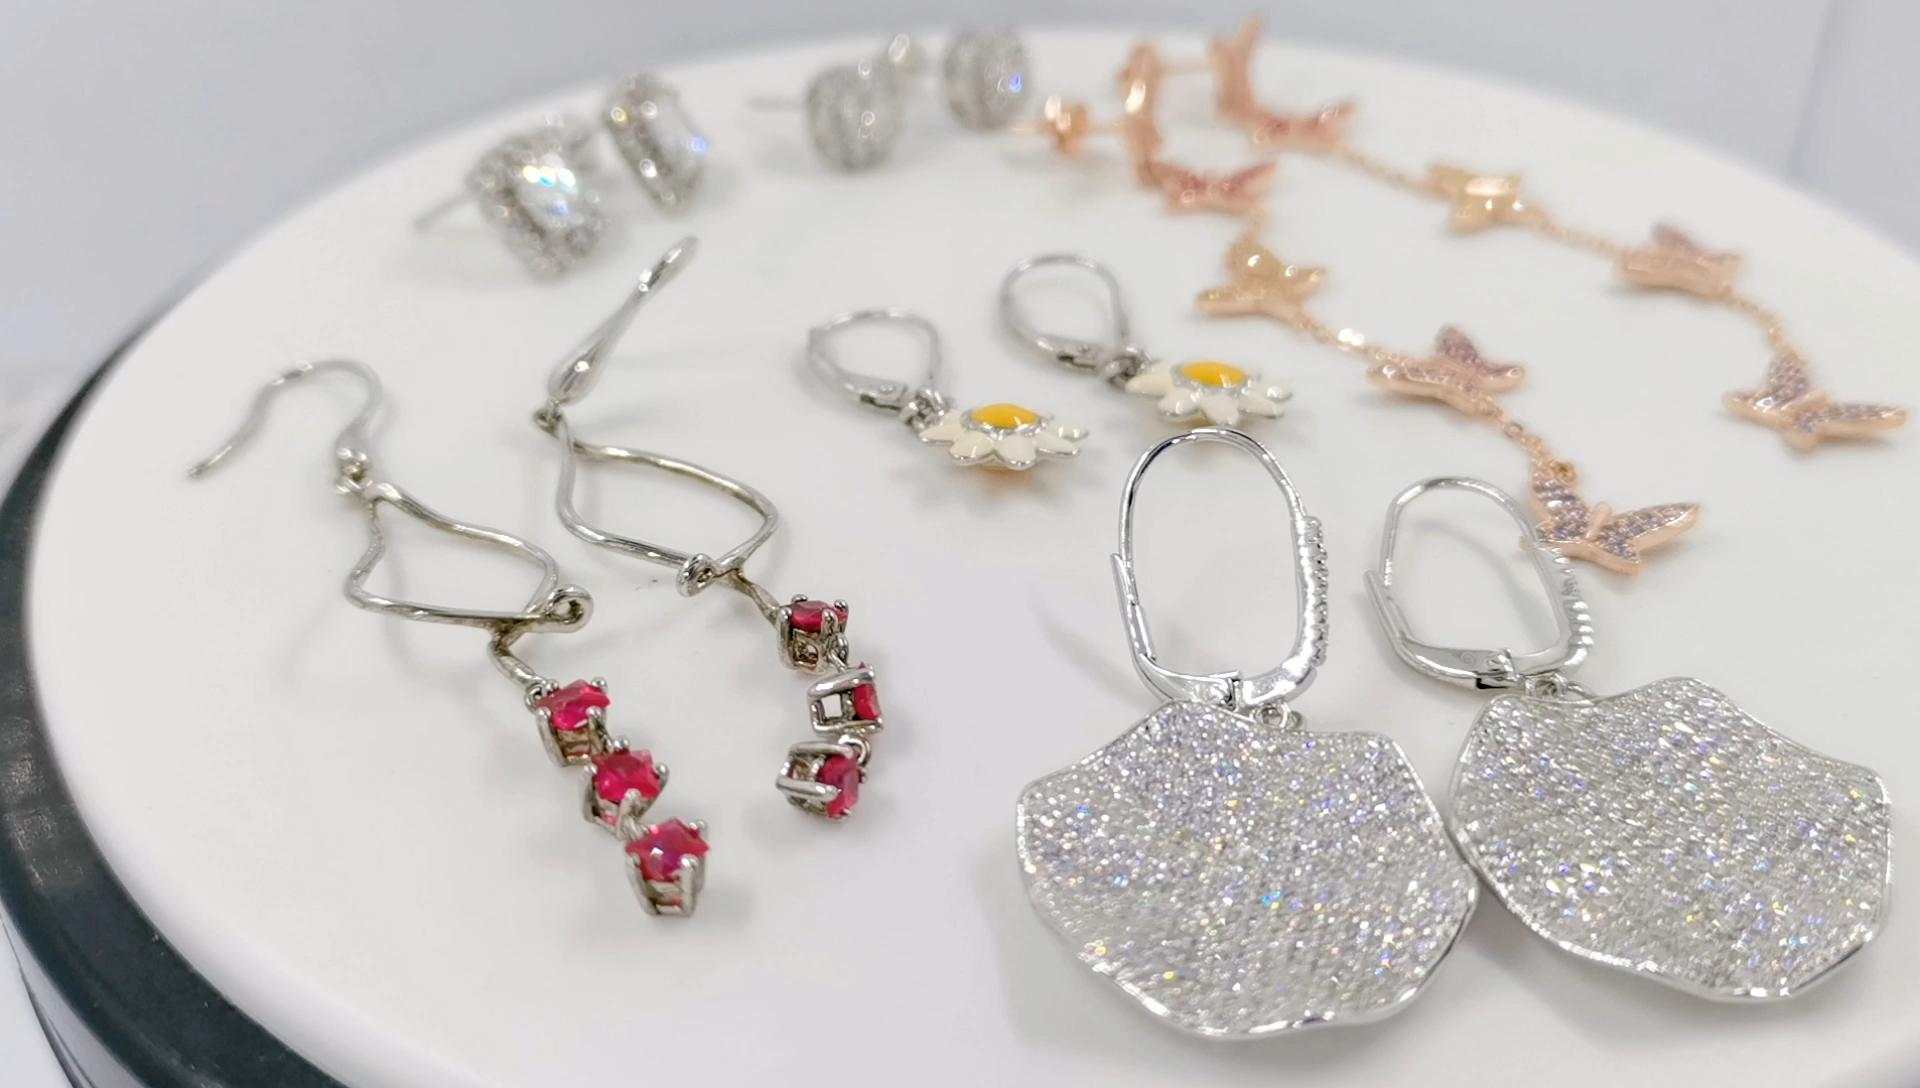 الجملة أزياء الزفاف المرأة الراين مصمم شعبية مجوهرات 925 الفضة الاسترليني CZ البيان مسمار أقراط